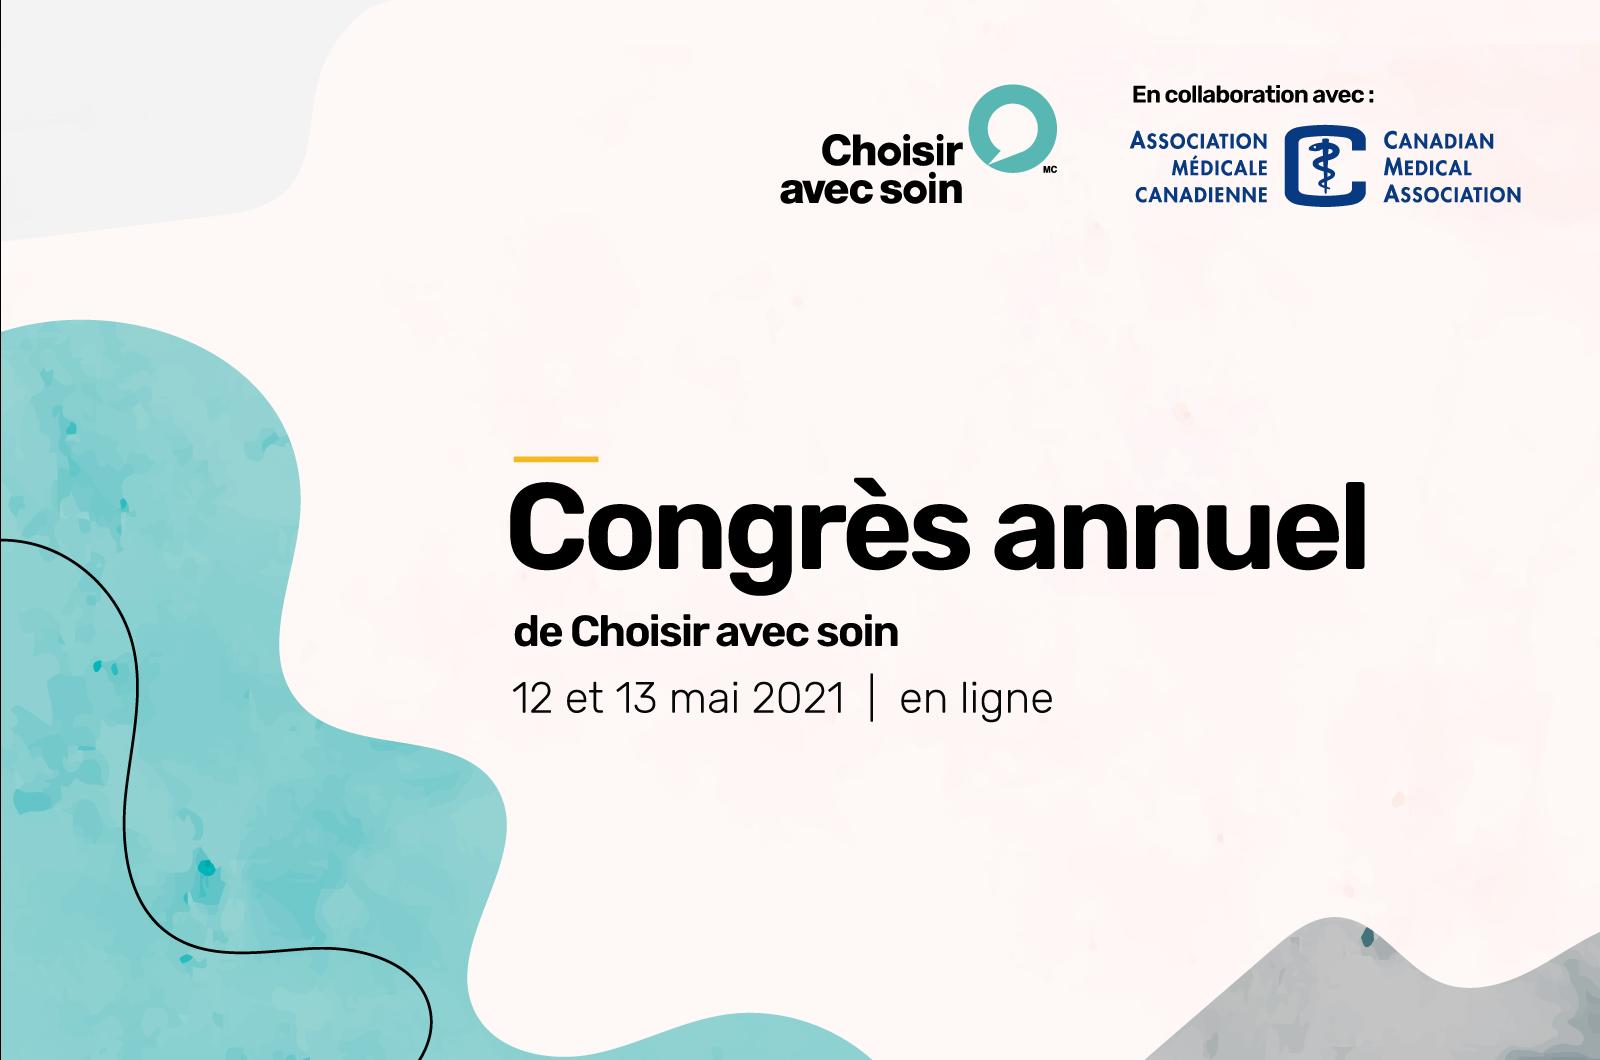 Congrès annuel : 12 et 13 mai 2021